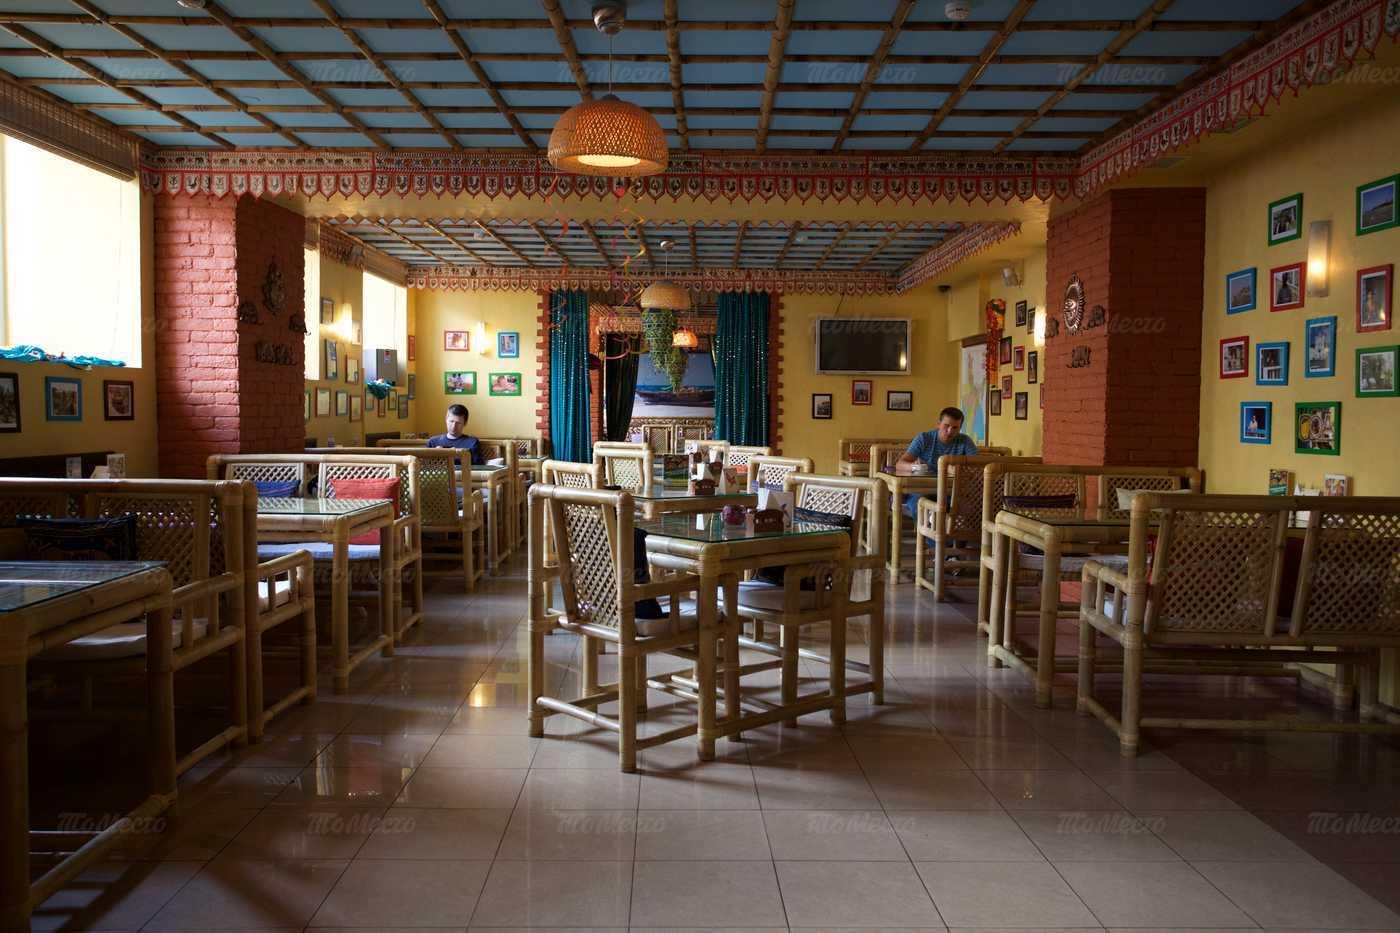 Меню кафе, ресторана Go Goa (Гоу Гоа) в набережной канале Грибоедовой